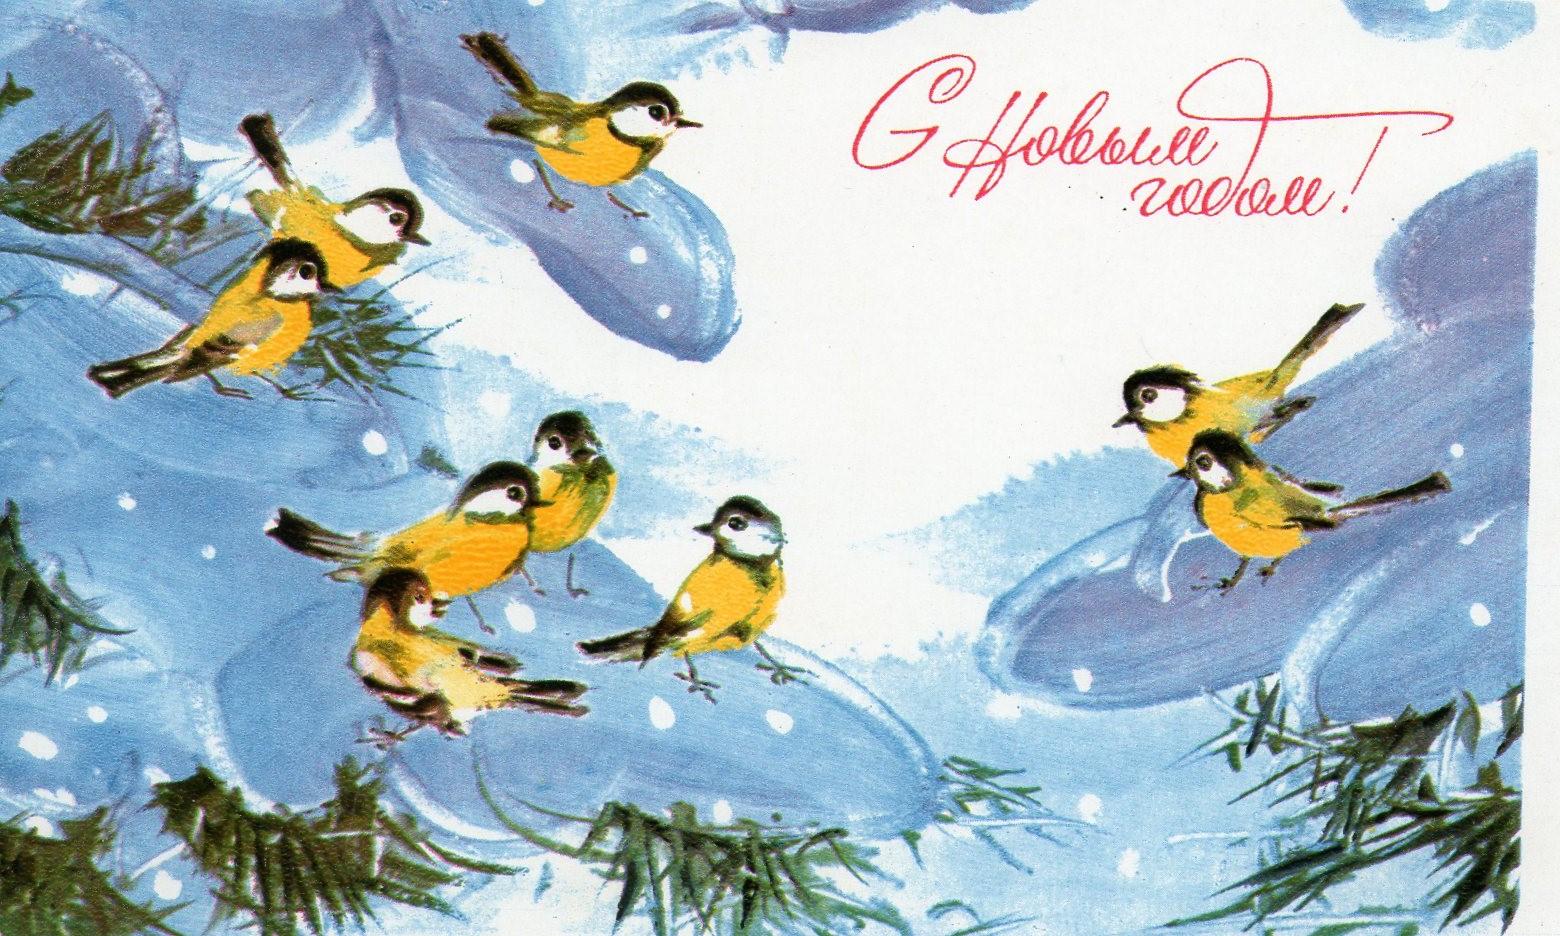 Советские открытки поздравления с новым годом